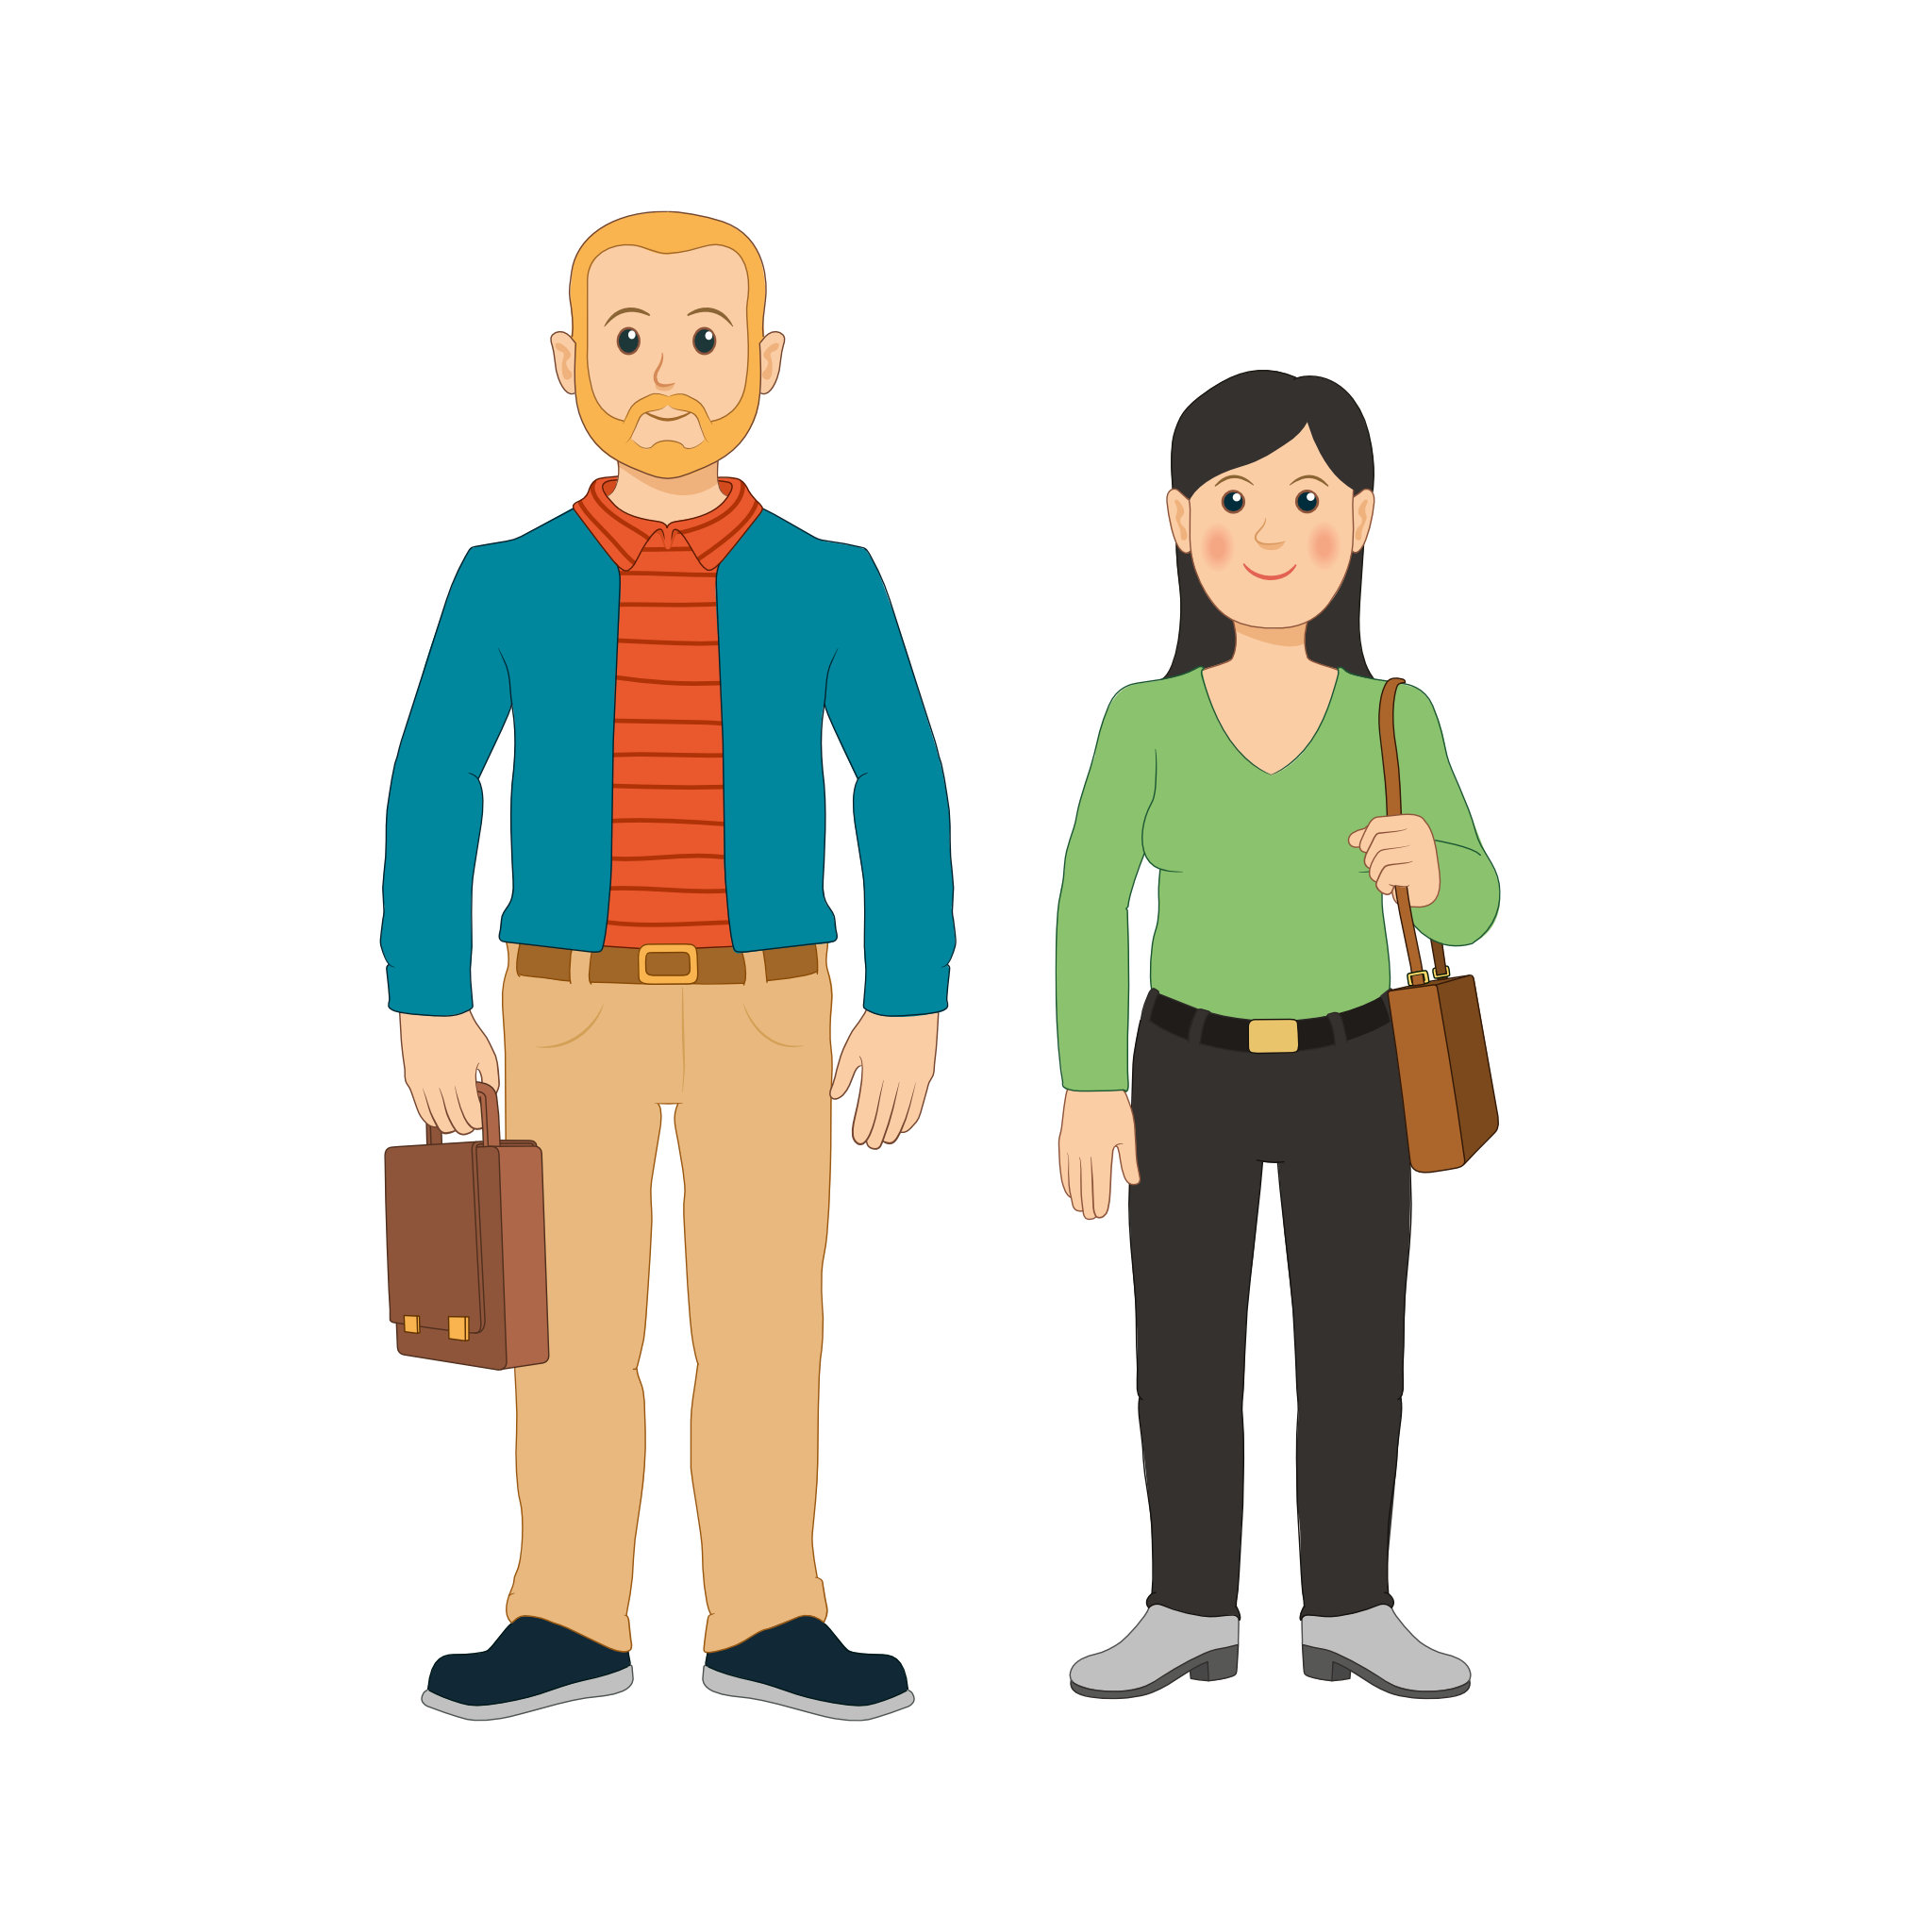 Linkki-matkustajia: aikuinen mies ja nainen